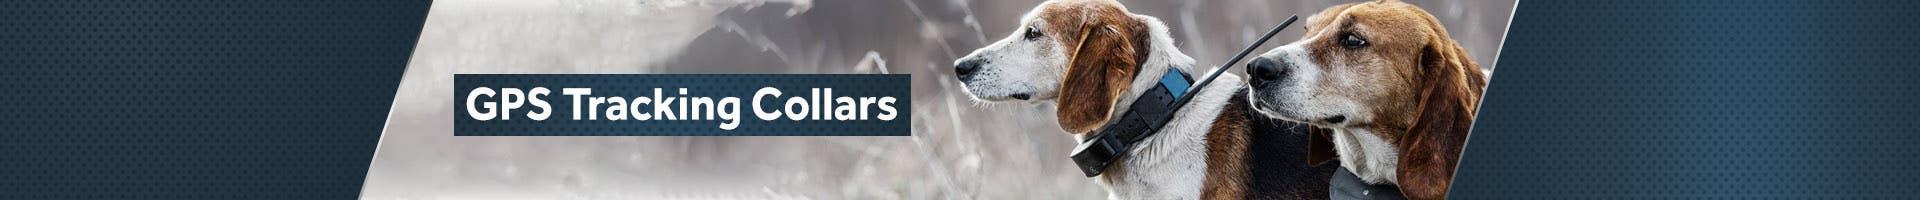 GPS Dog Tracking Collars